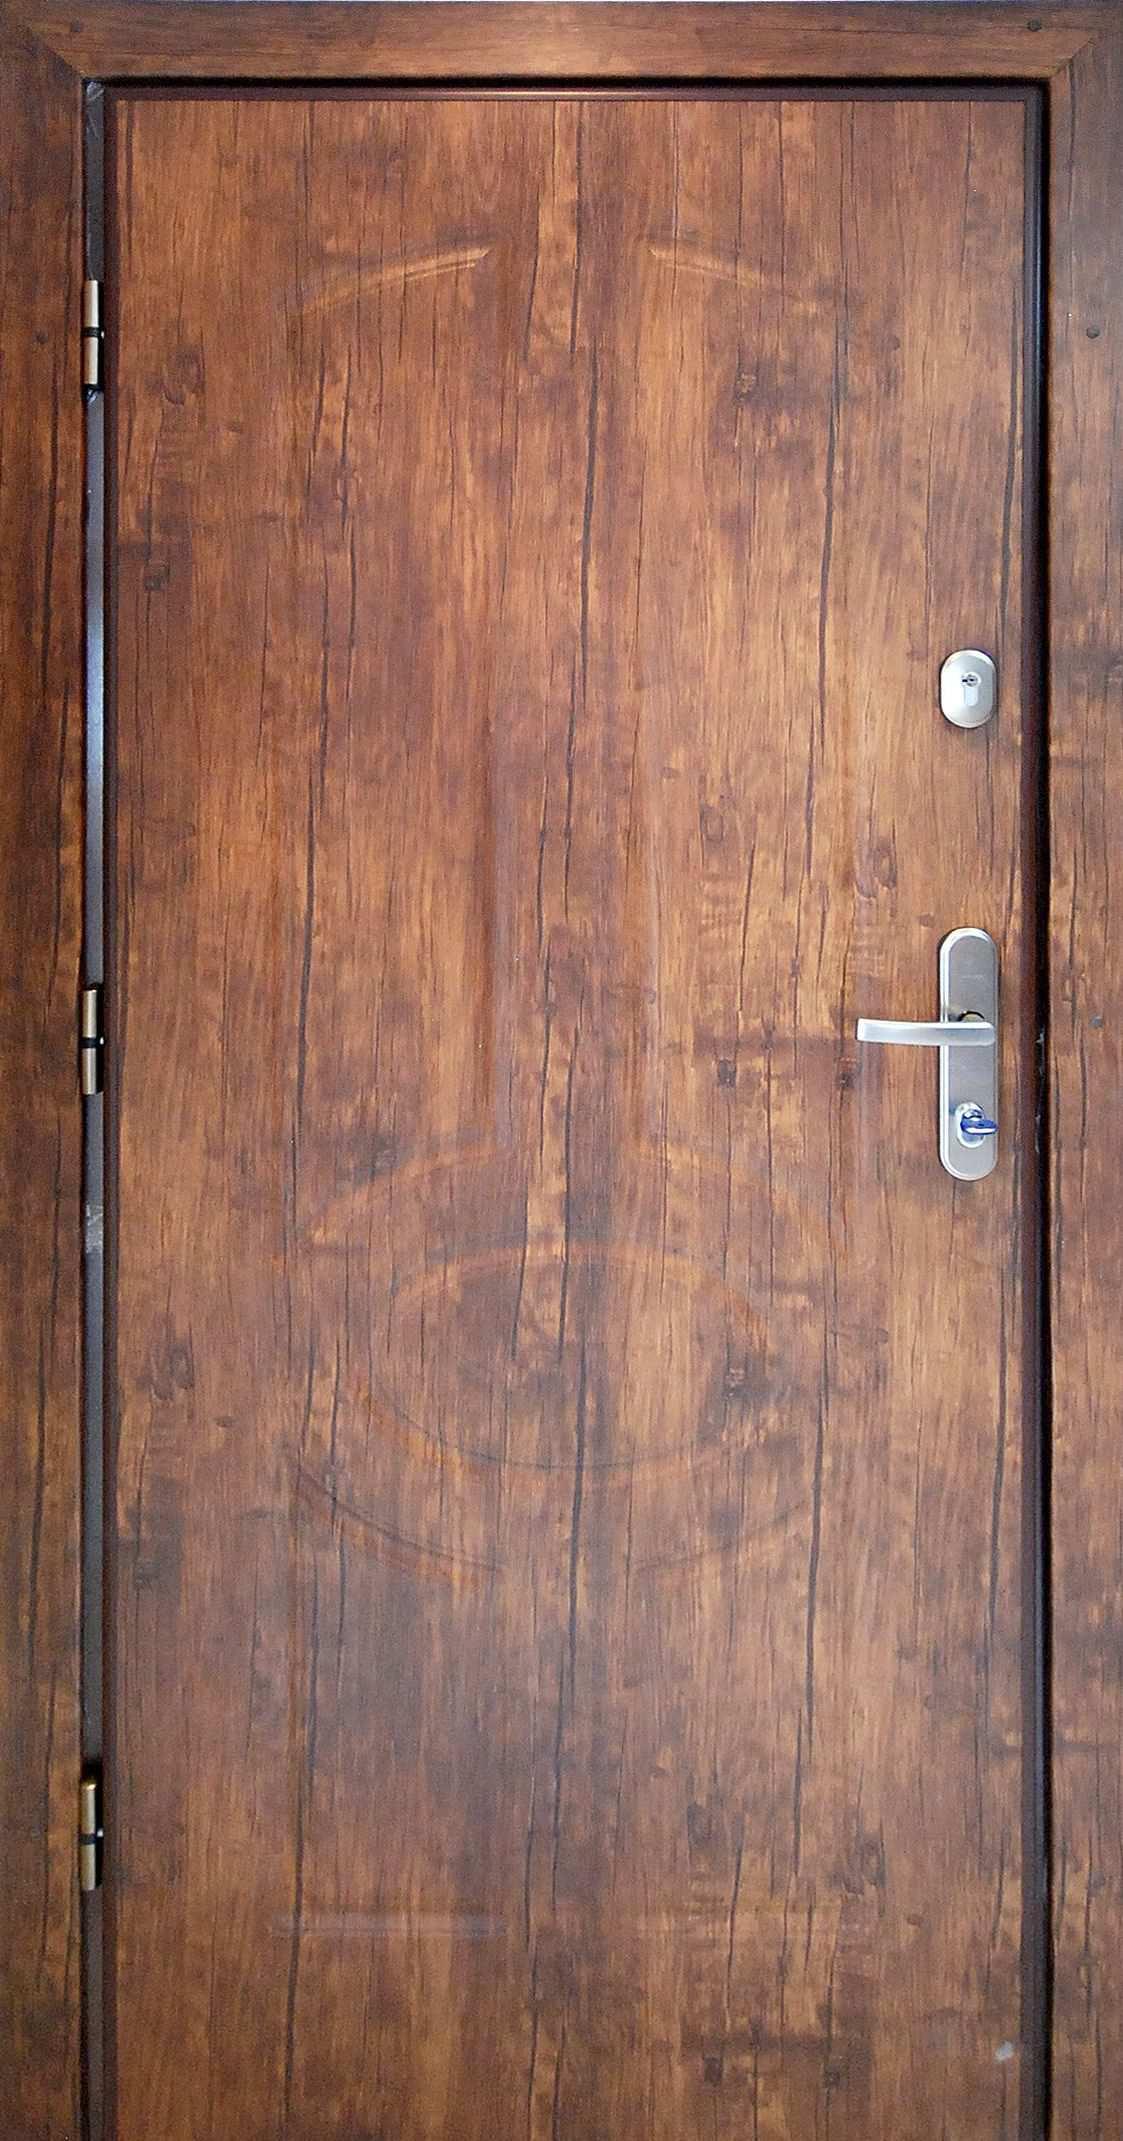 Входная дверь Герда (Gerda) CX-10 SL -Стальные входные двери Герда ... | 2141x1123